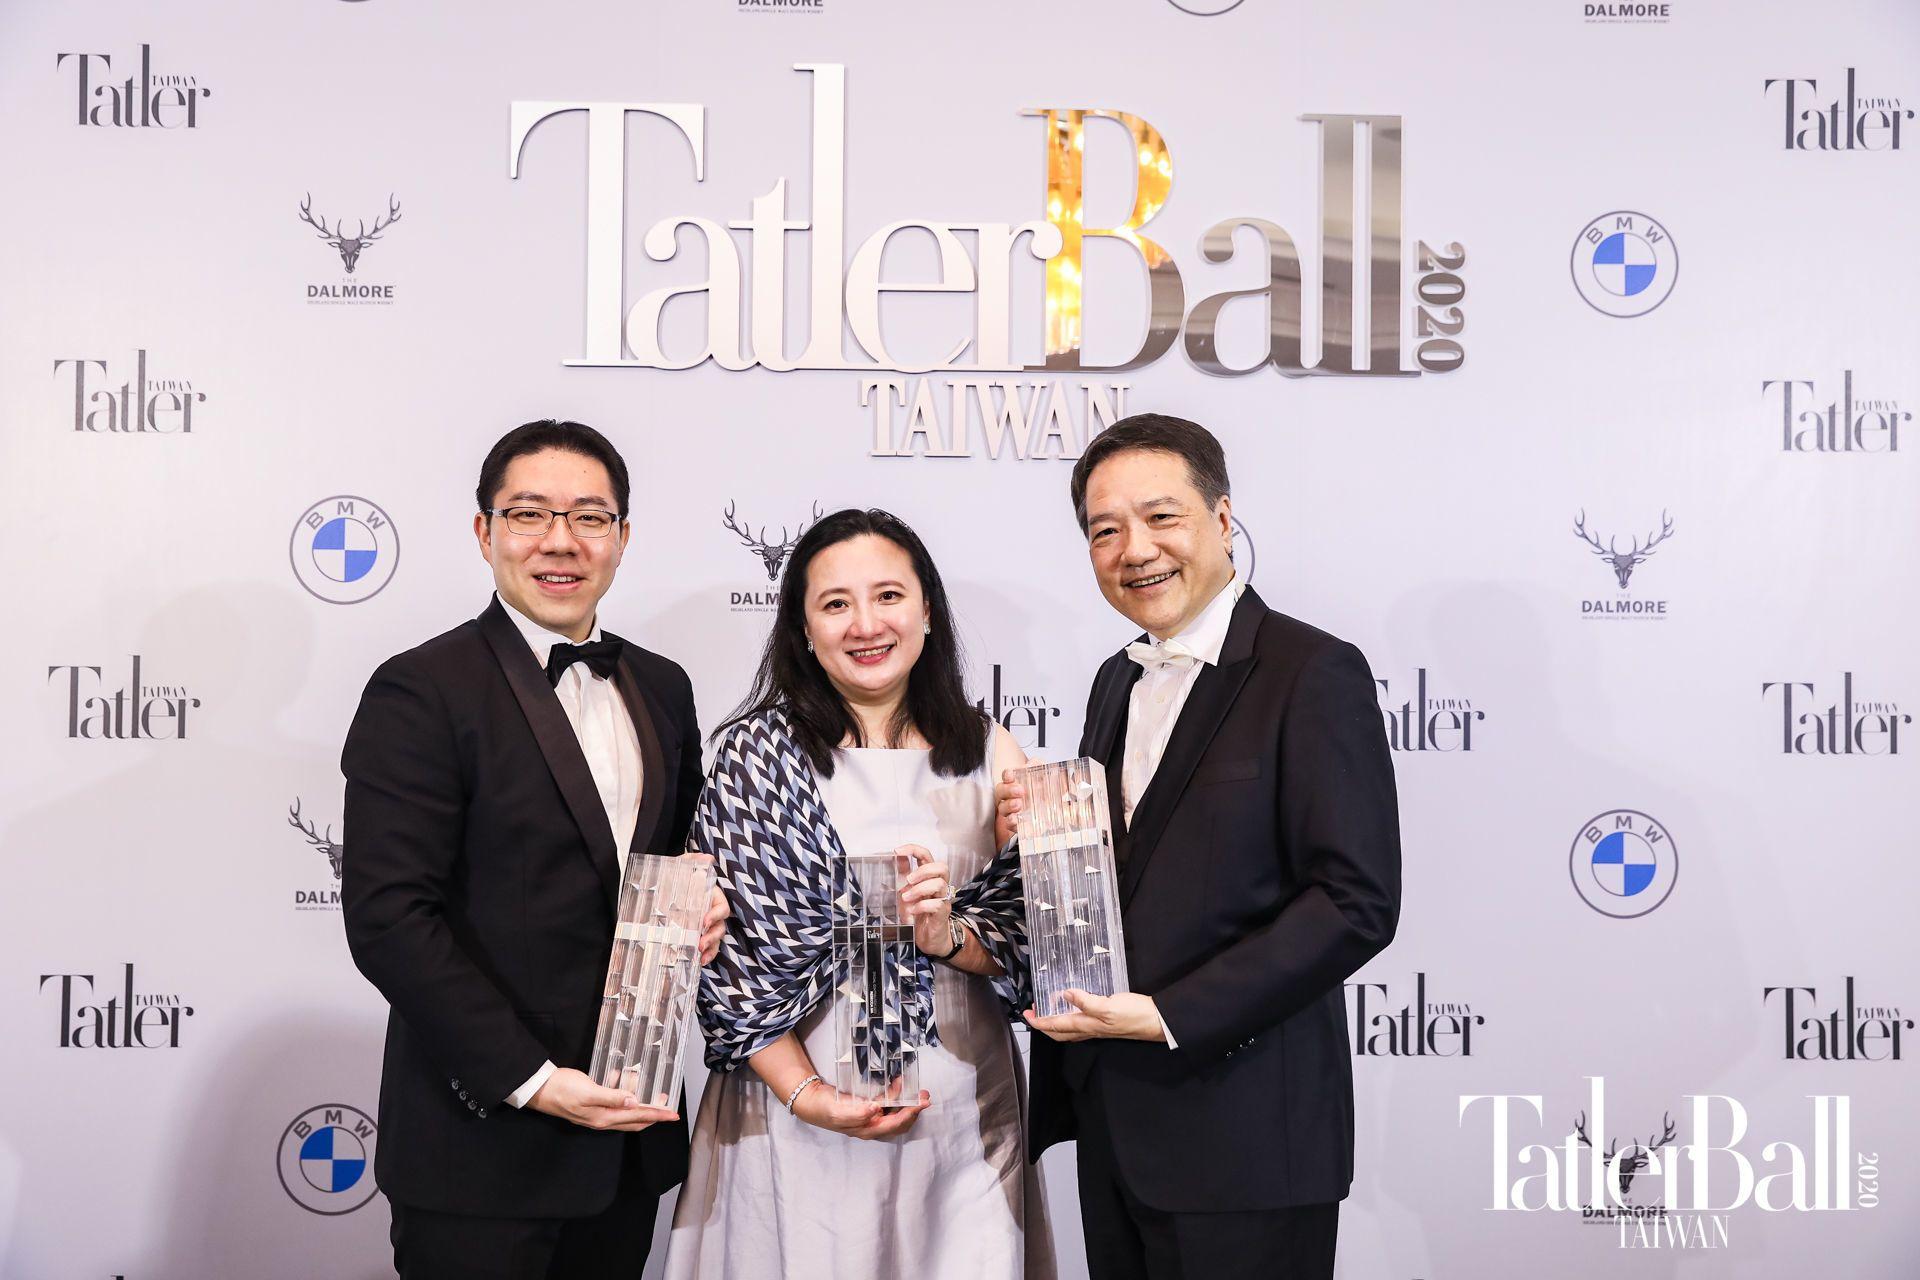 2020 Tatler Awards 3位優秀得獎者!疫情時代更顯得人類的團結與溫暖,深具時代價值意義